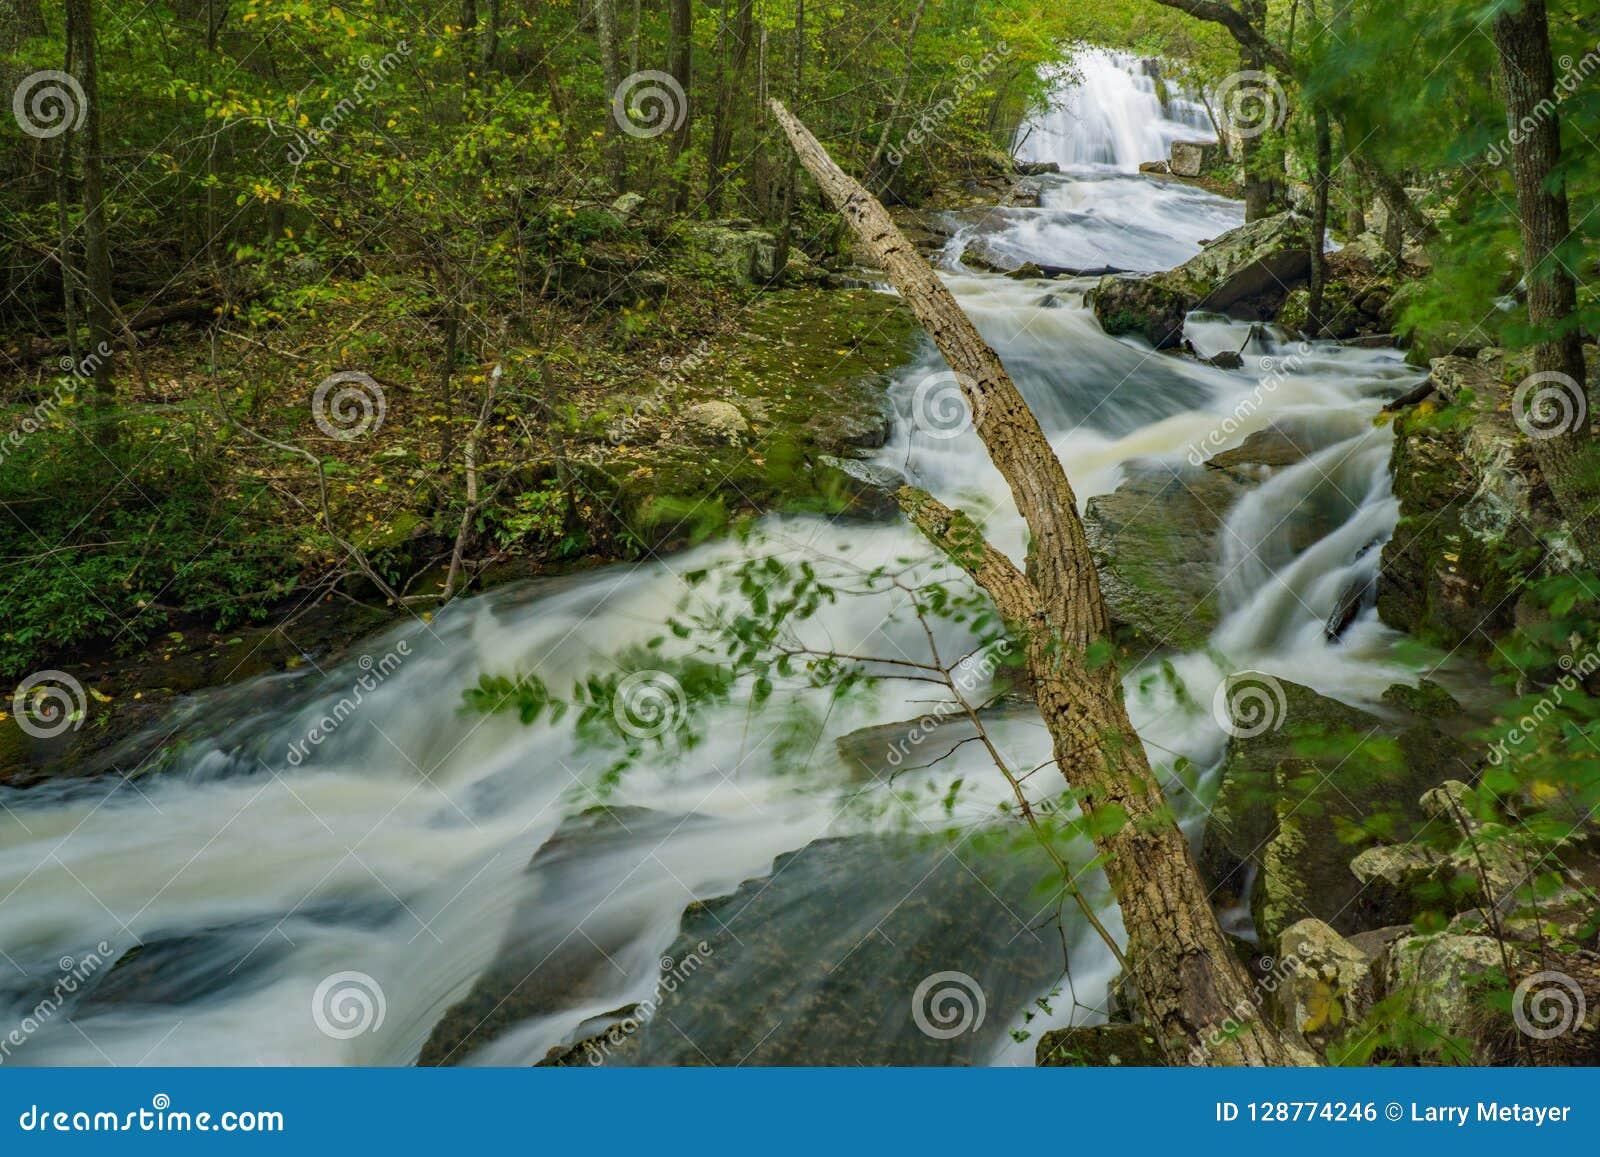 Höhen-Wasser am Brüllen des Laufwasserfalls